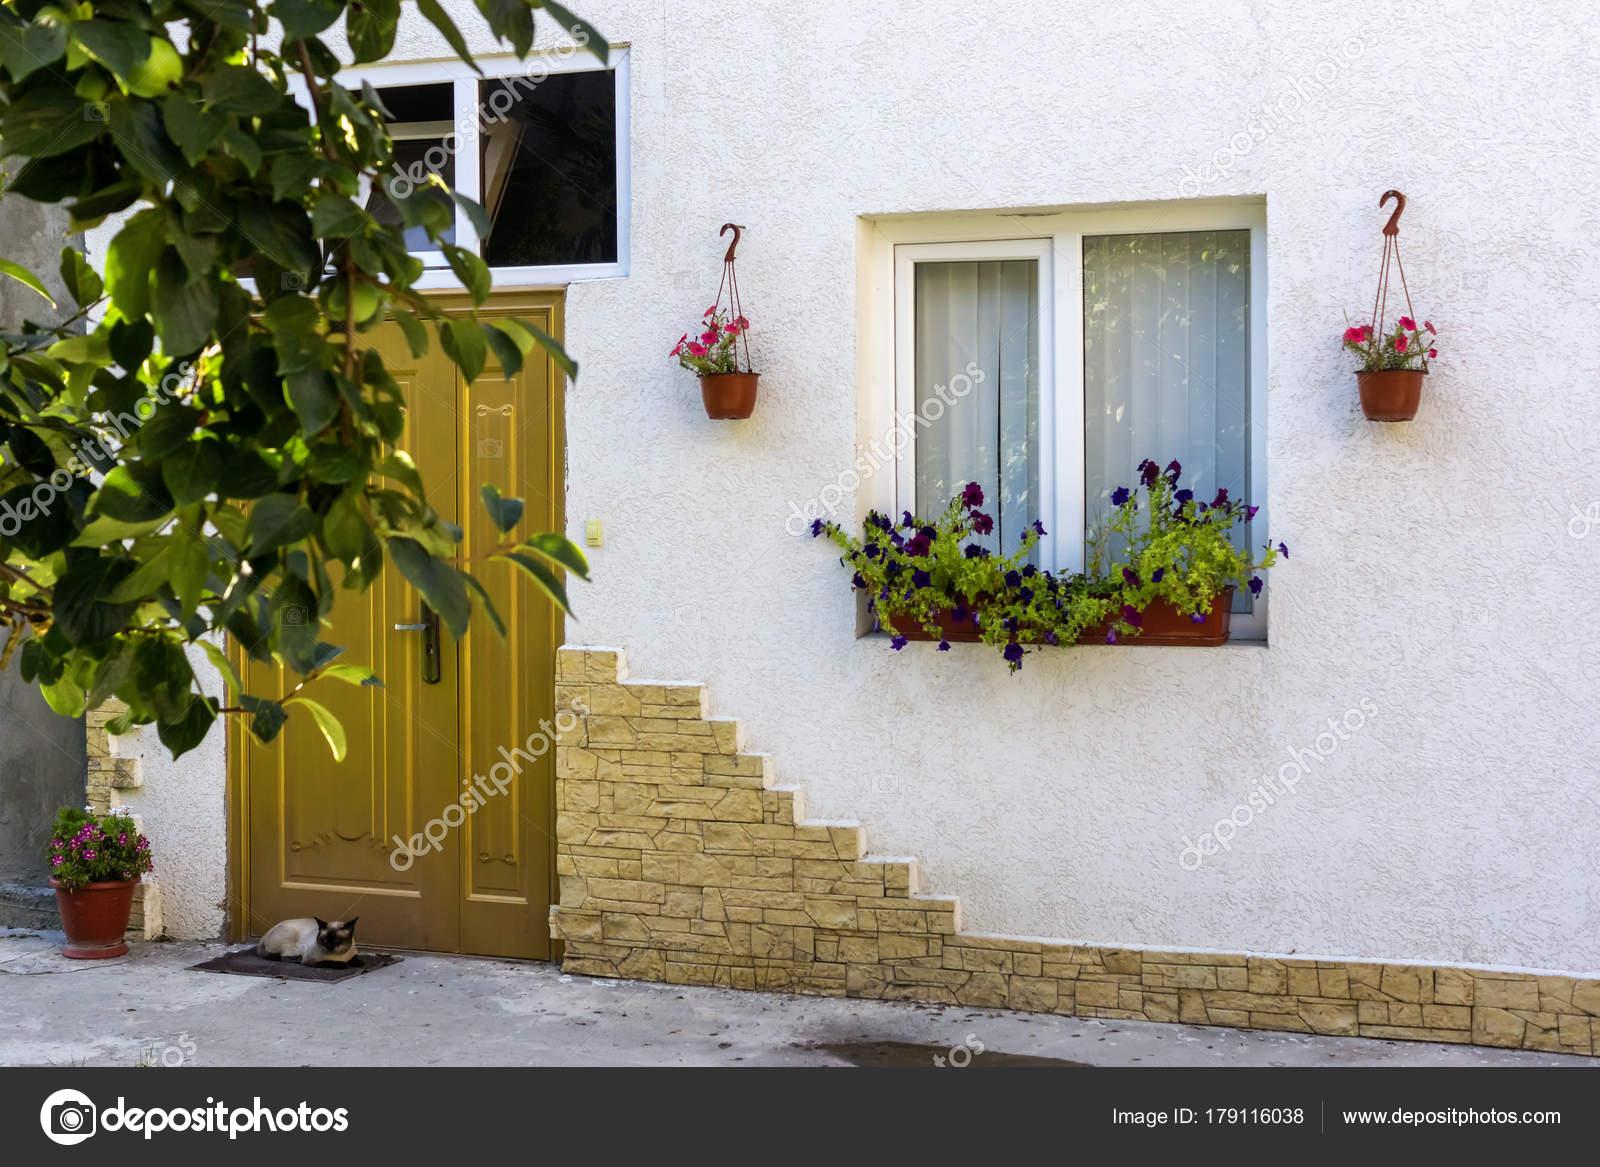 Huis huis gevel versierd met natuurlijke bloemen u2014 stockfoto